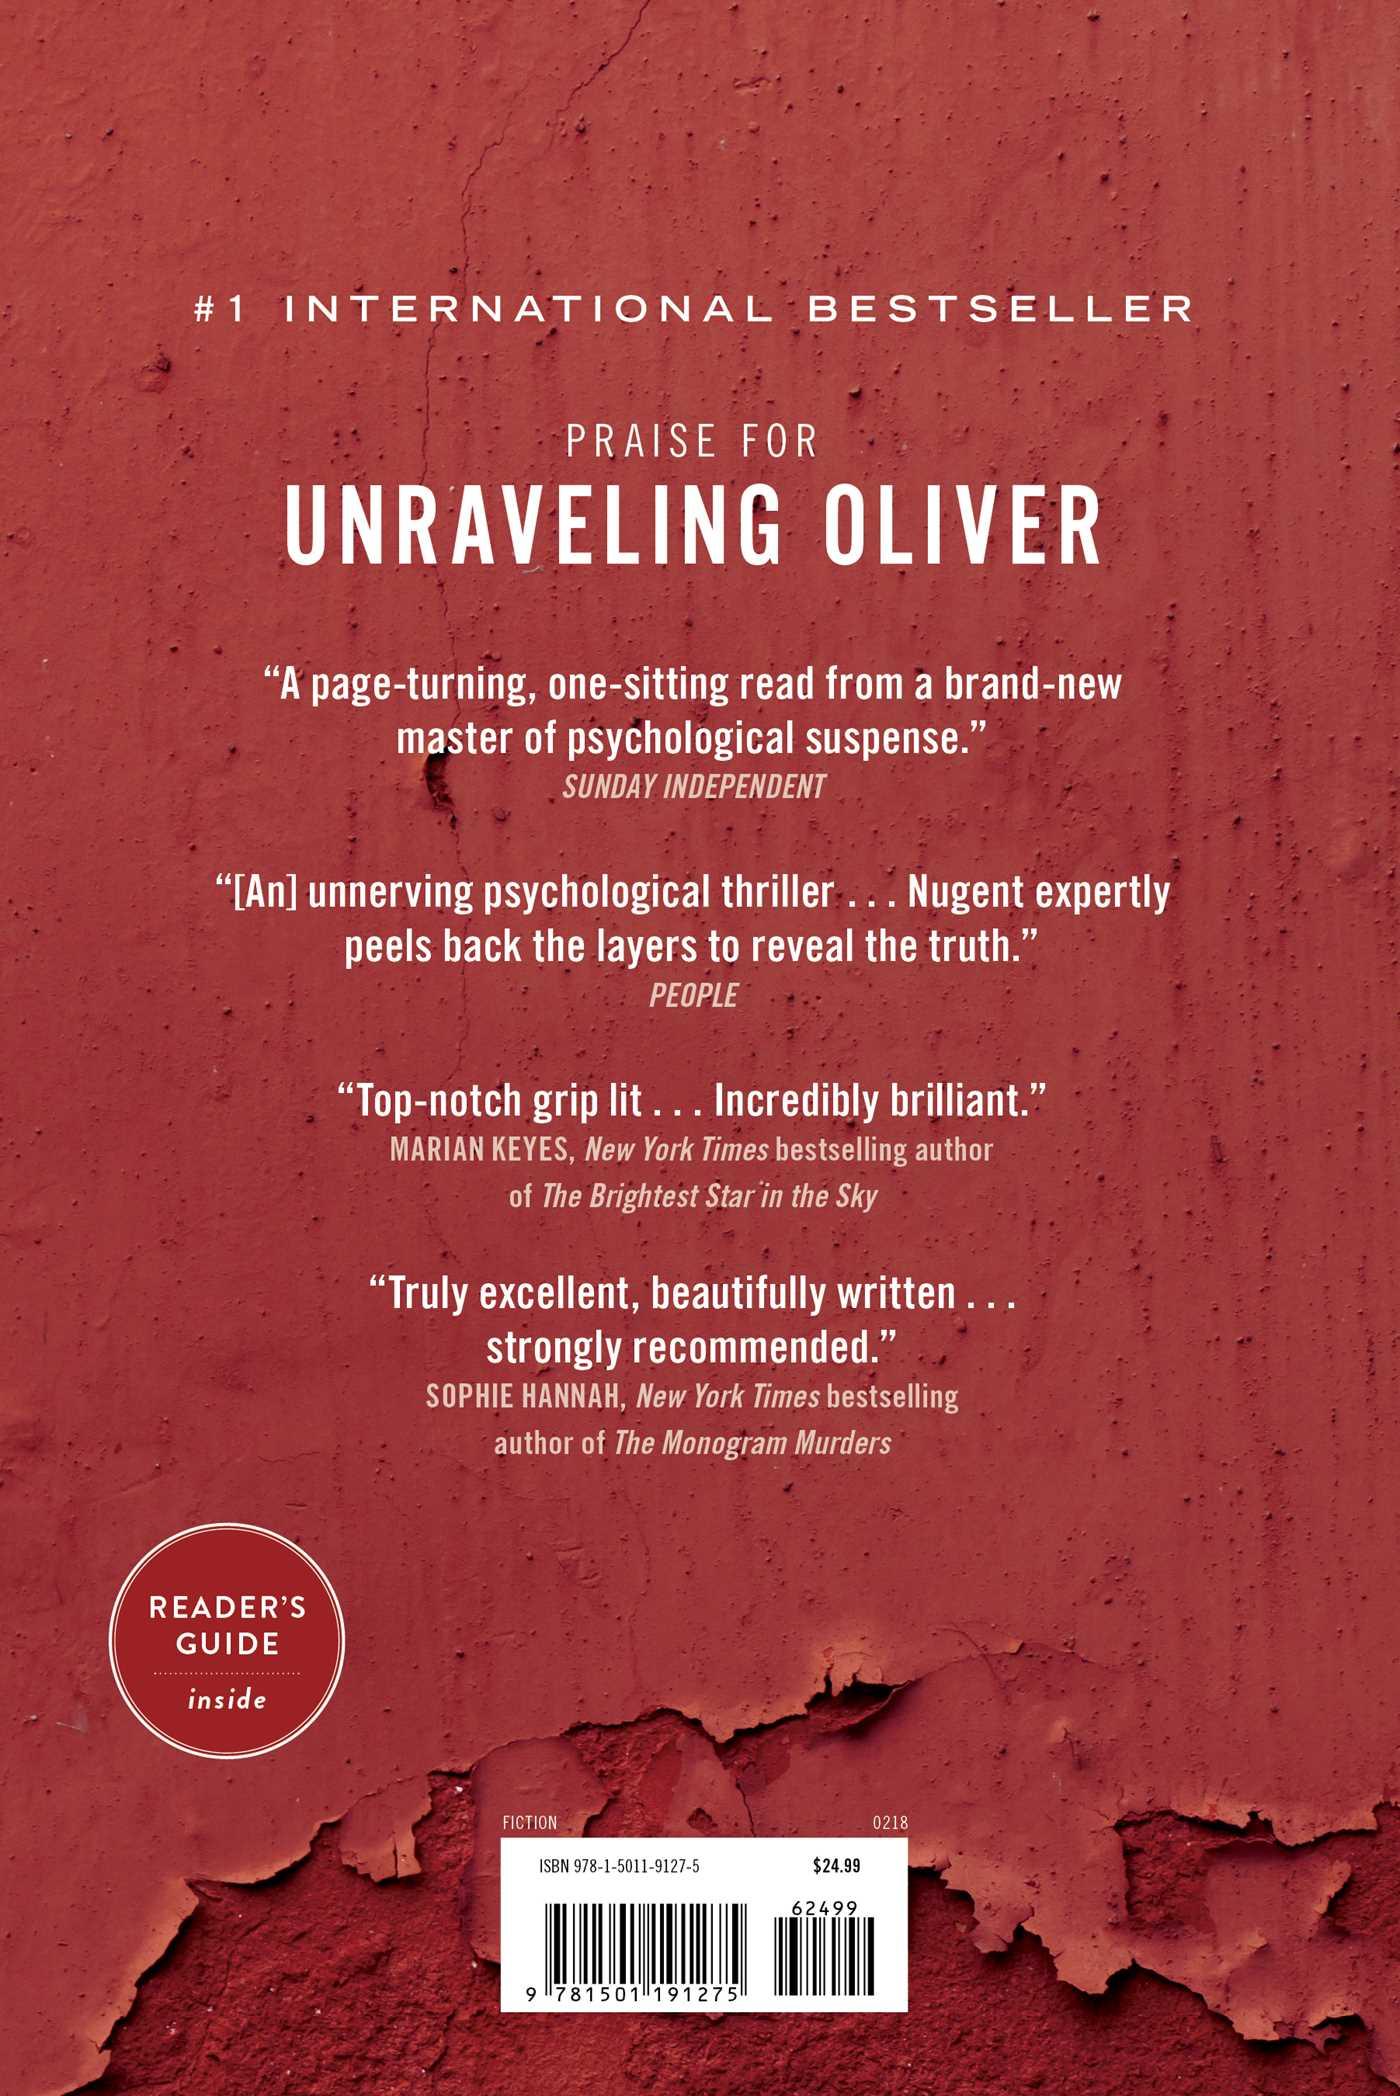 Unraveling oliver 9781501191275 hr back